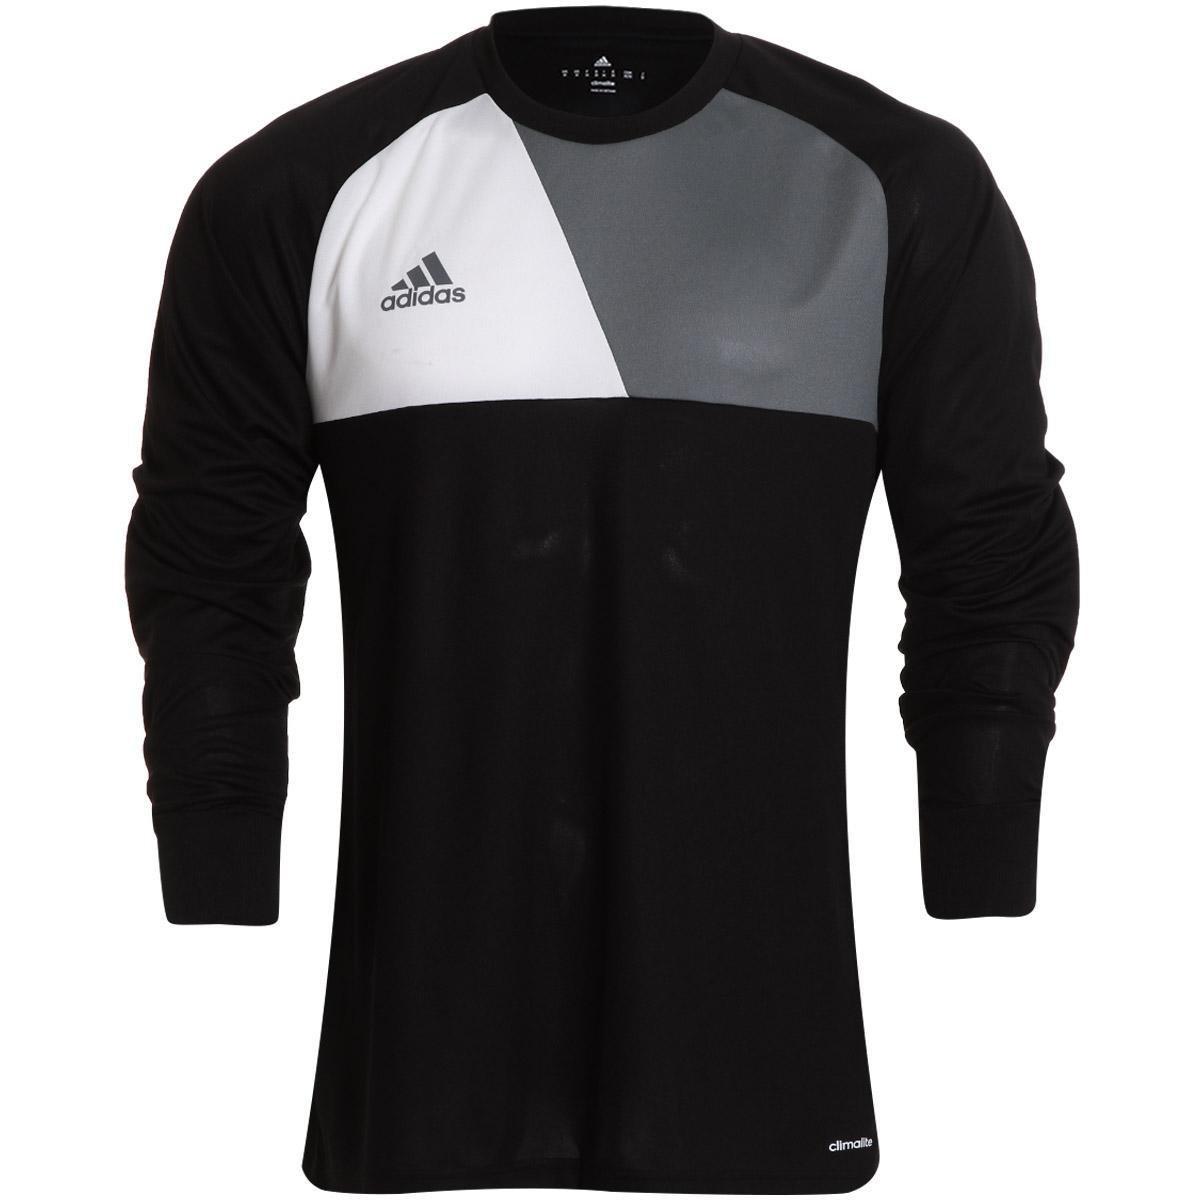 ea1b423f41 Camisa de Goleiro Adidas Assista 17 Masculina - Compre Agora